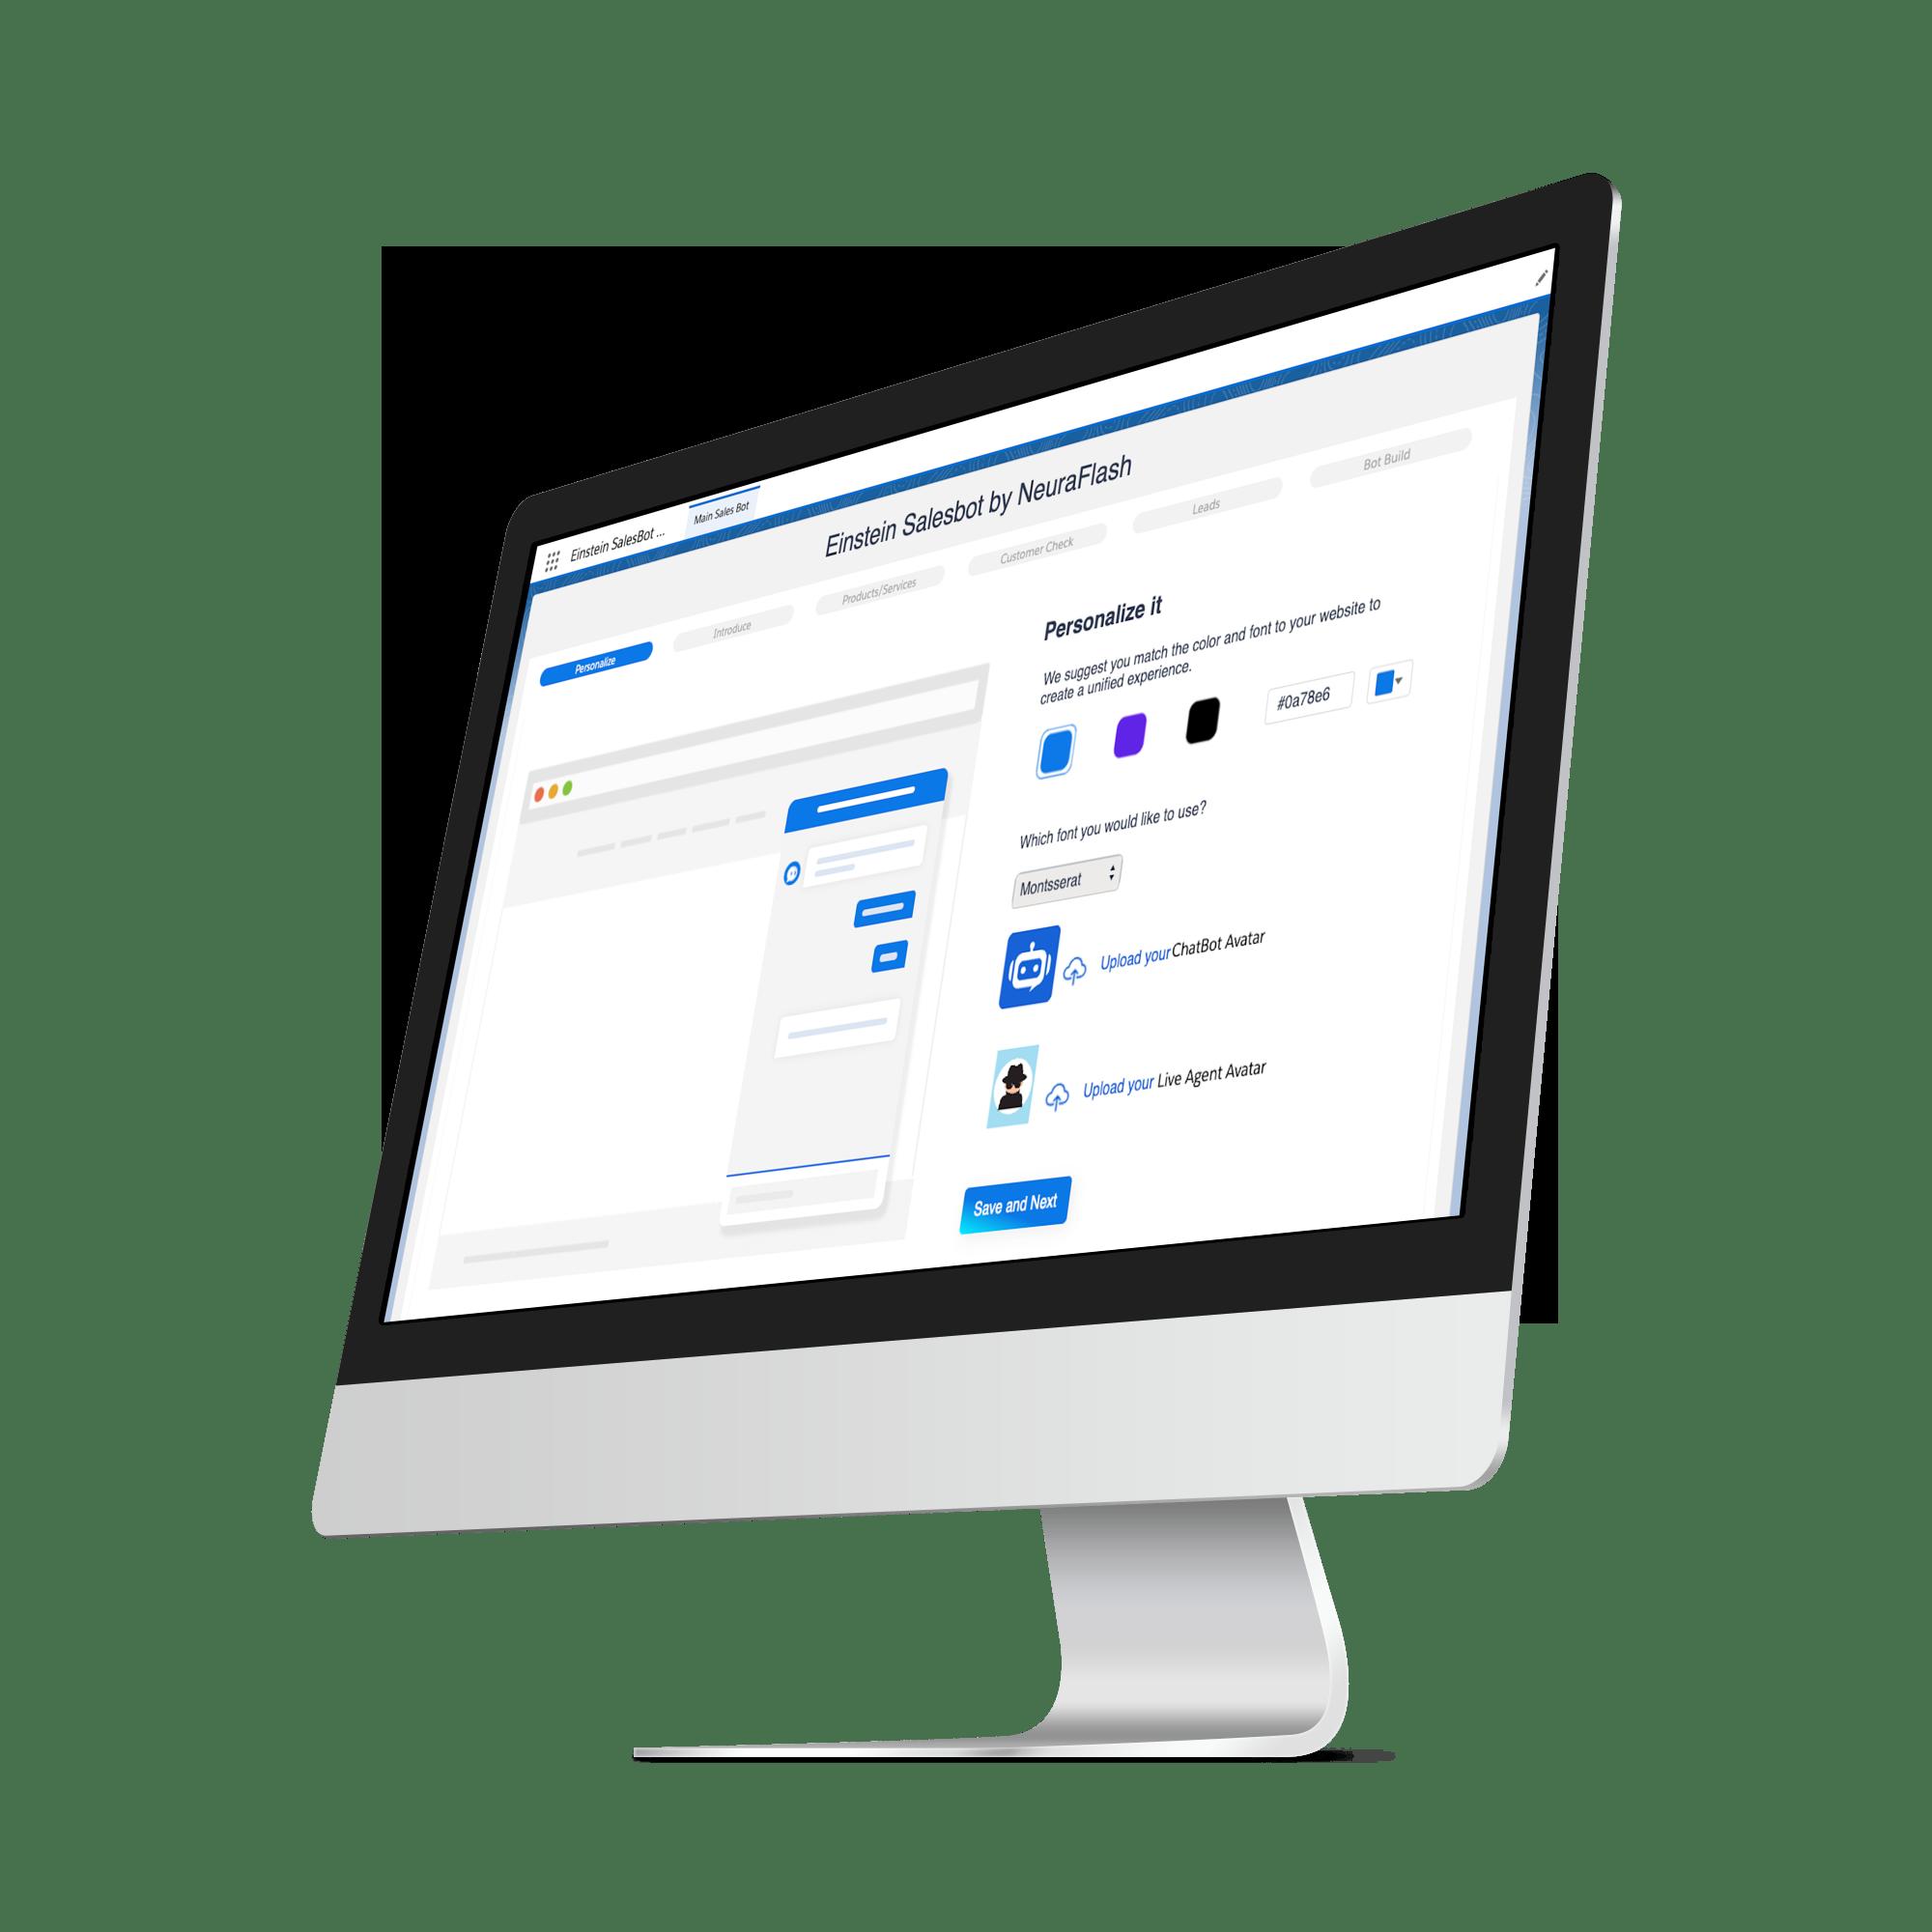 Salesbot App for the Einstein Bot